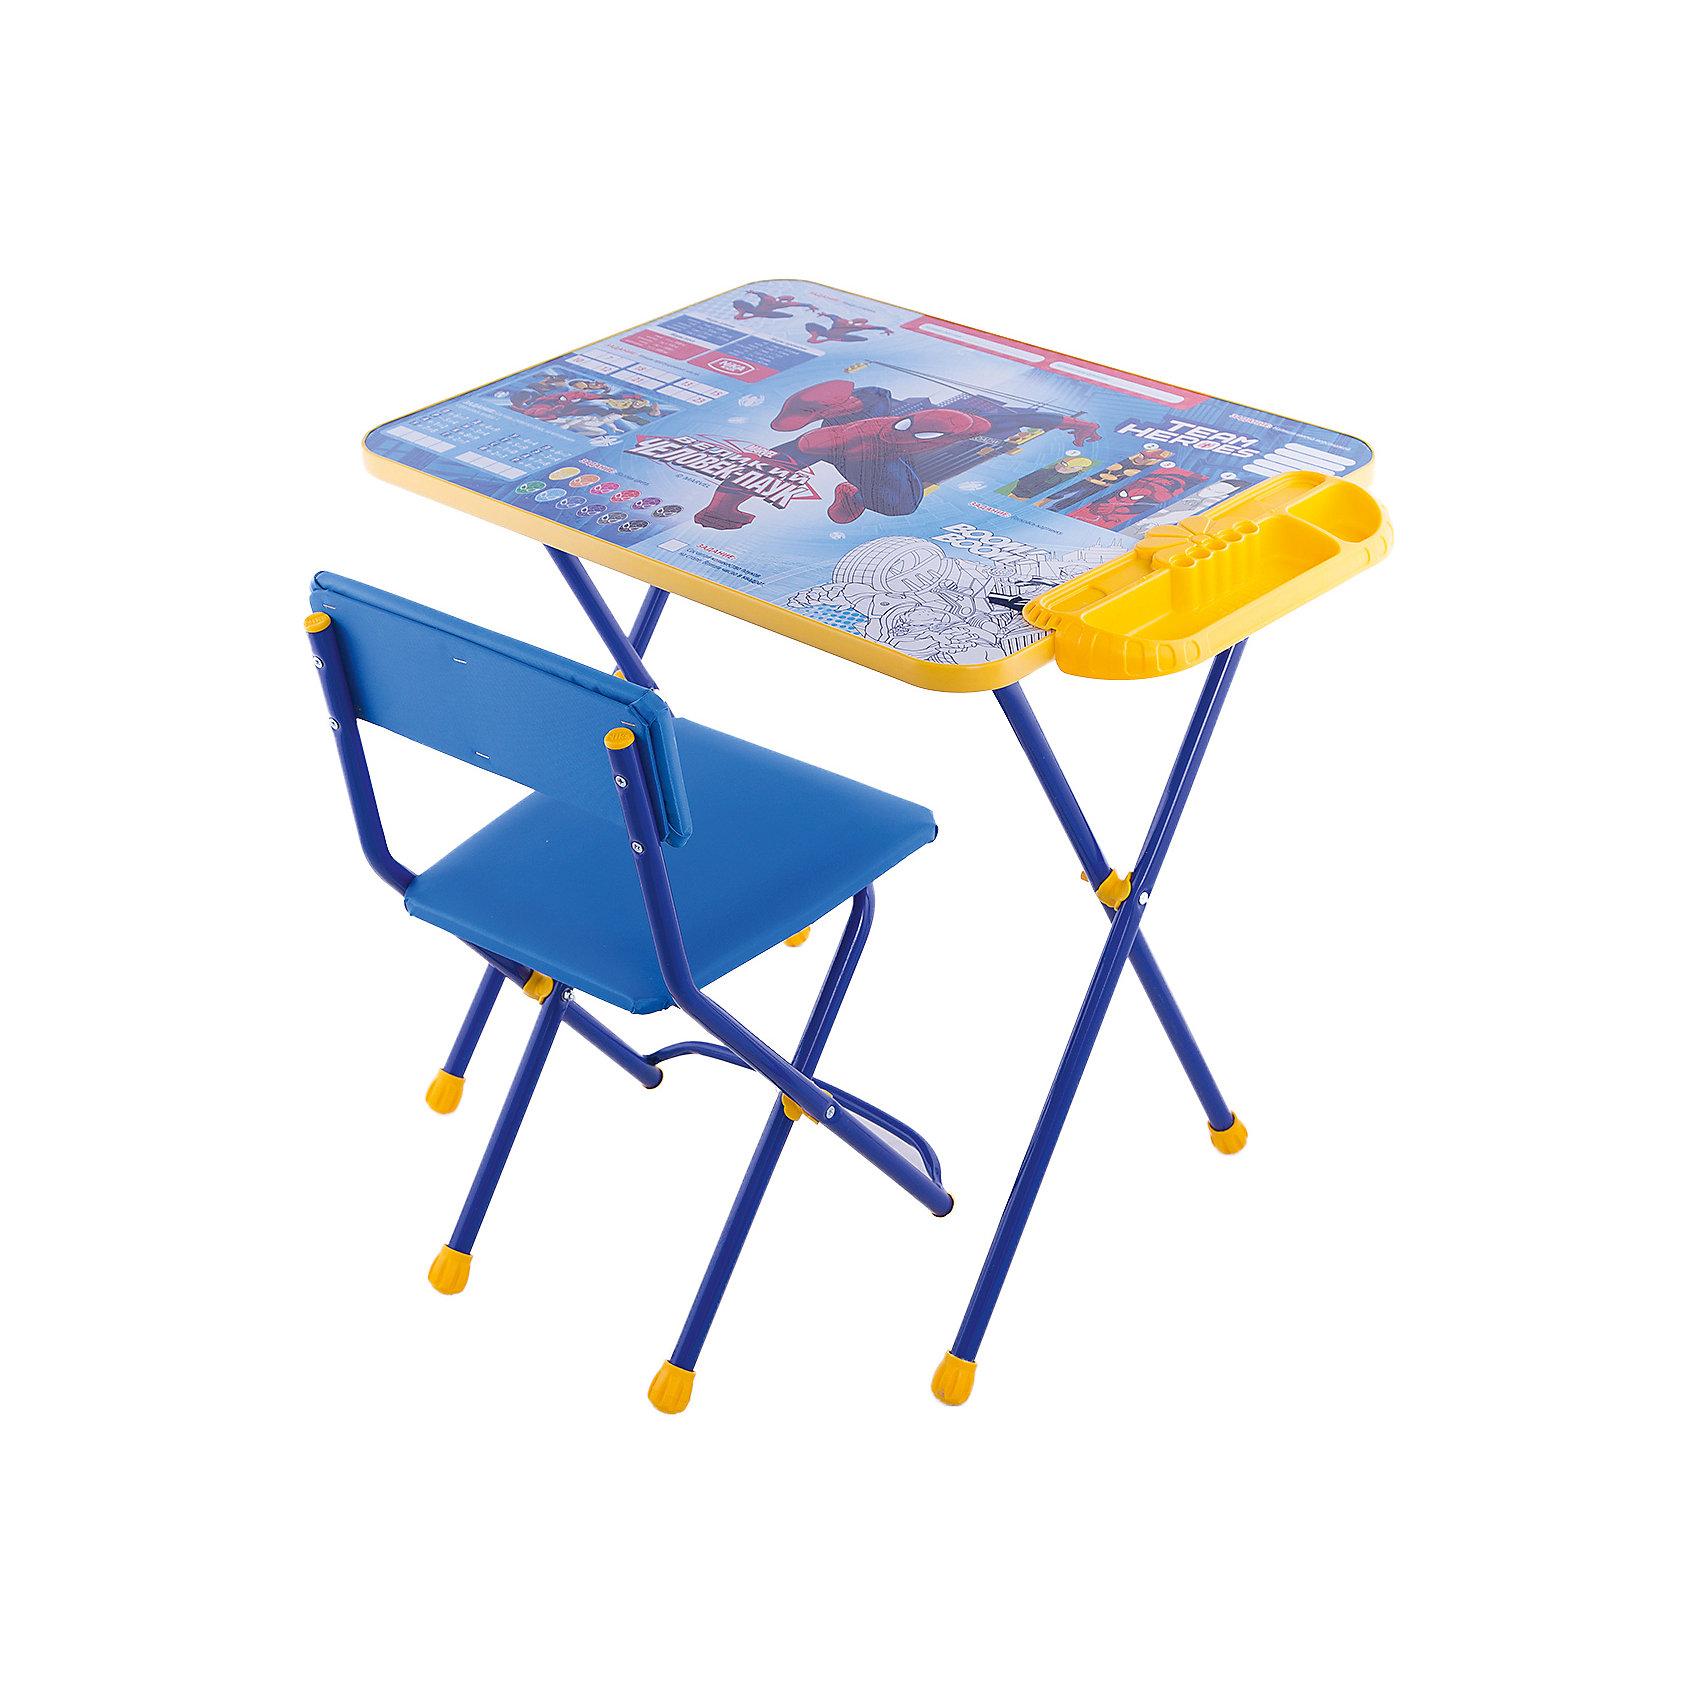 Набор мебели Человек ПаукЧеловек-Паук<br>Набор детской мебели Человек Паук состоит из трех предметов: стол-парта и стульчик и пластиковый пенал. За столиком можно рисовать, играть, принимать пищу, заниматься, учится, а для того чтобы не затерялись письменные принадлежности, на кромке стола есть специальный пенальчик. <br>При необходимости, стол и стул возможно сложить, они очень компактны в собранном виде, это дает возможность использования данного комплекта мебели даже в небольшой комнате. <br><br>Дополнительная информация:<br><br>В комплект входит стол-парта и стул, пенал( пластиковый).<br>- Металлический каркас.<br>- Столешница облицована пленкой с тематическими рисунками.<br>- На ножках стула установлены пластмассовые наконечники.<br>- Размер столика: 60х45х52 см.<br>- Размер стула: высота до сиденья 29 см, высота со спинкой 54 см.<br>Сиденье: 29х26 см.<br>- Возраст: от 1,5 лет<br><br>Набор мебели Человек Паук  можно купить в нашем магазине.<br><br>Ширина мм: 9999<br>Глубина мм: 9999<br>Высота мм: 9999<br>Вес г: 8000<br>Возраст от месяцев: 36<br>Возраст до месяцев: 108<br>Пол: Унисекс<br>Возраст: Детский<br>SKU: 4718364